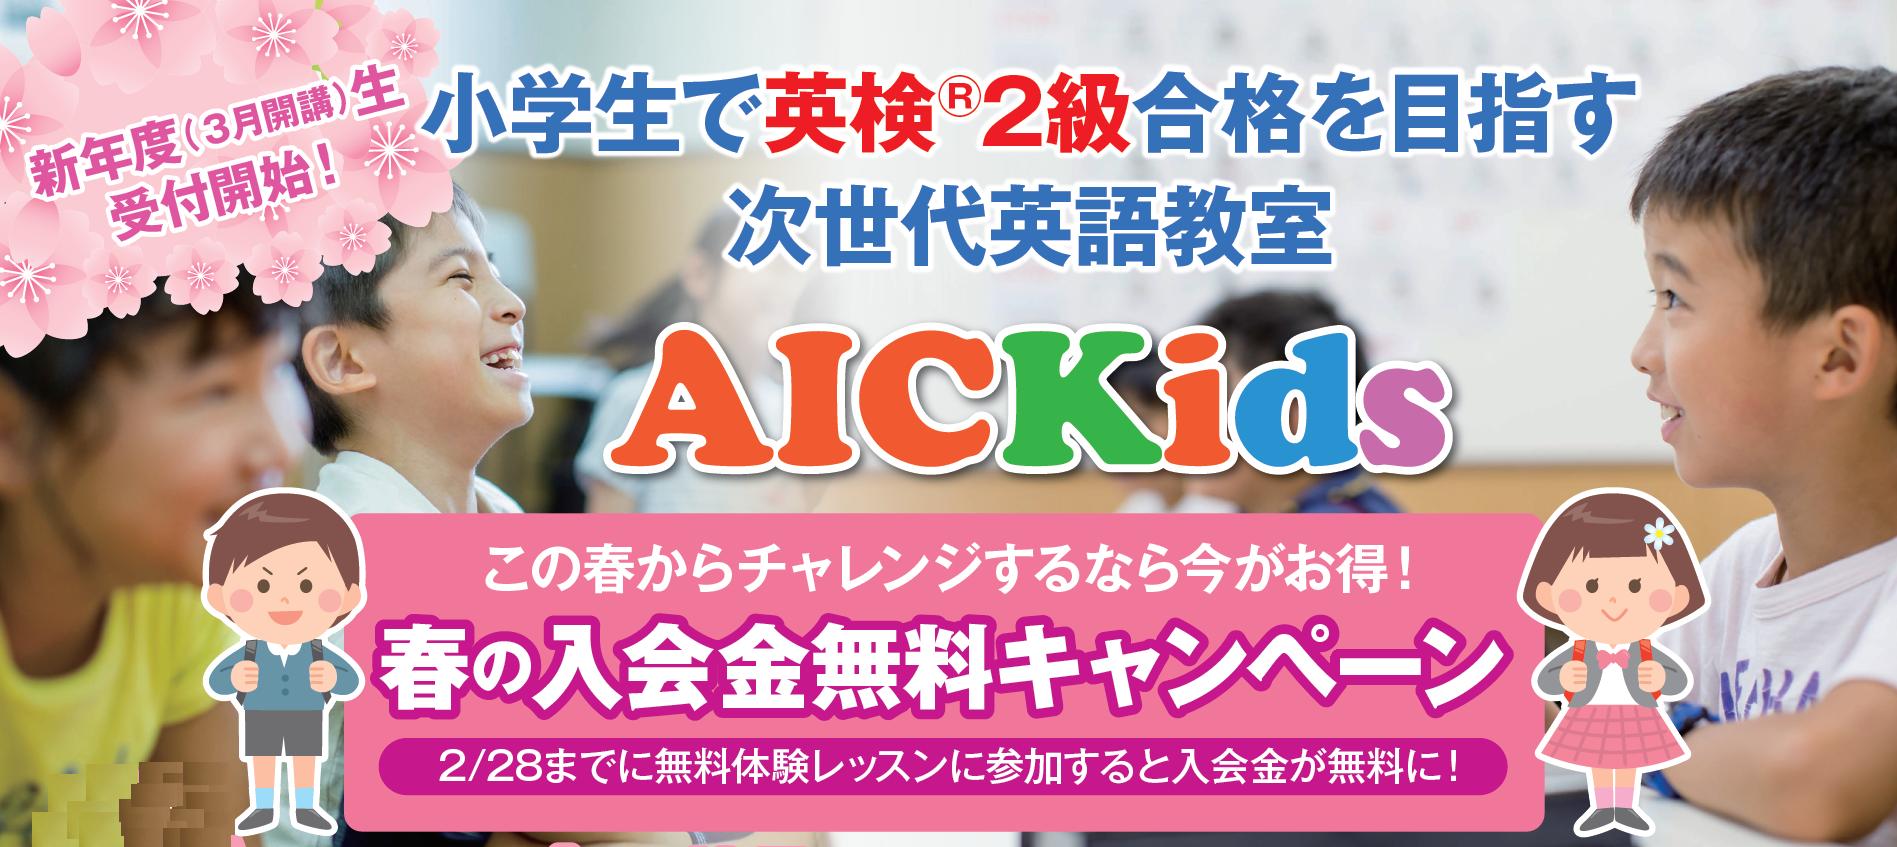 【春の入会金無料キャンペーン中!】英語学習を始めるなら今がおすすめ!